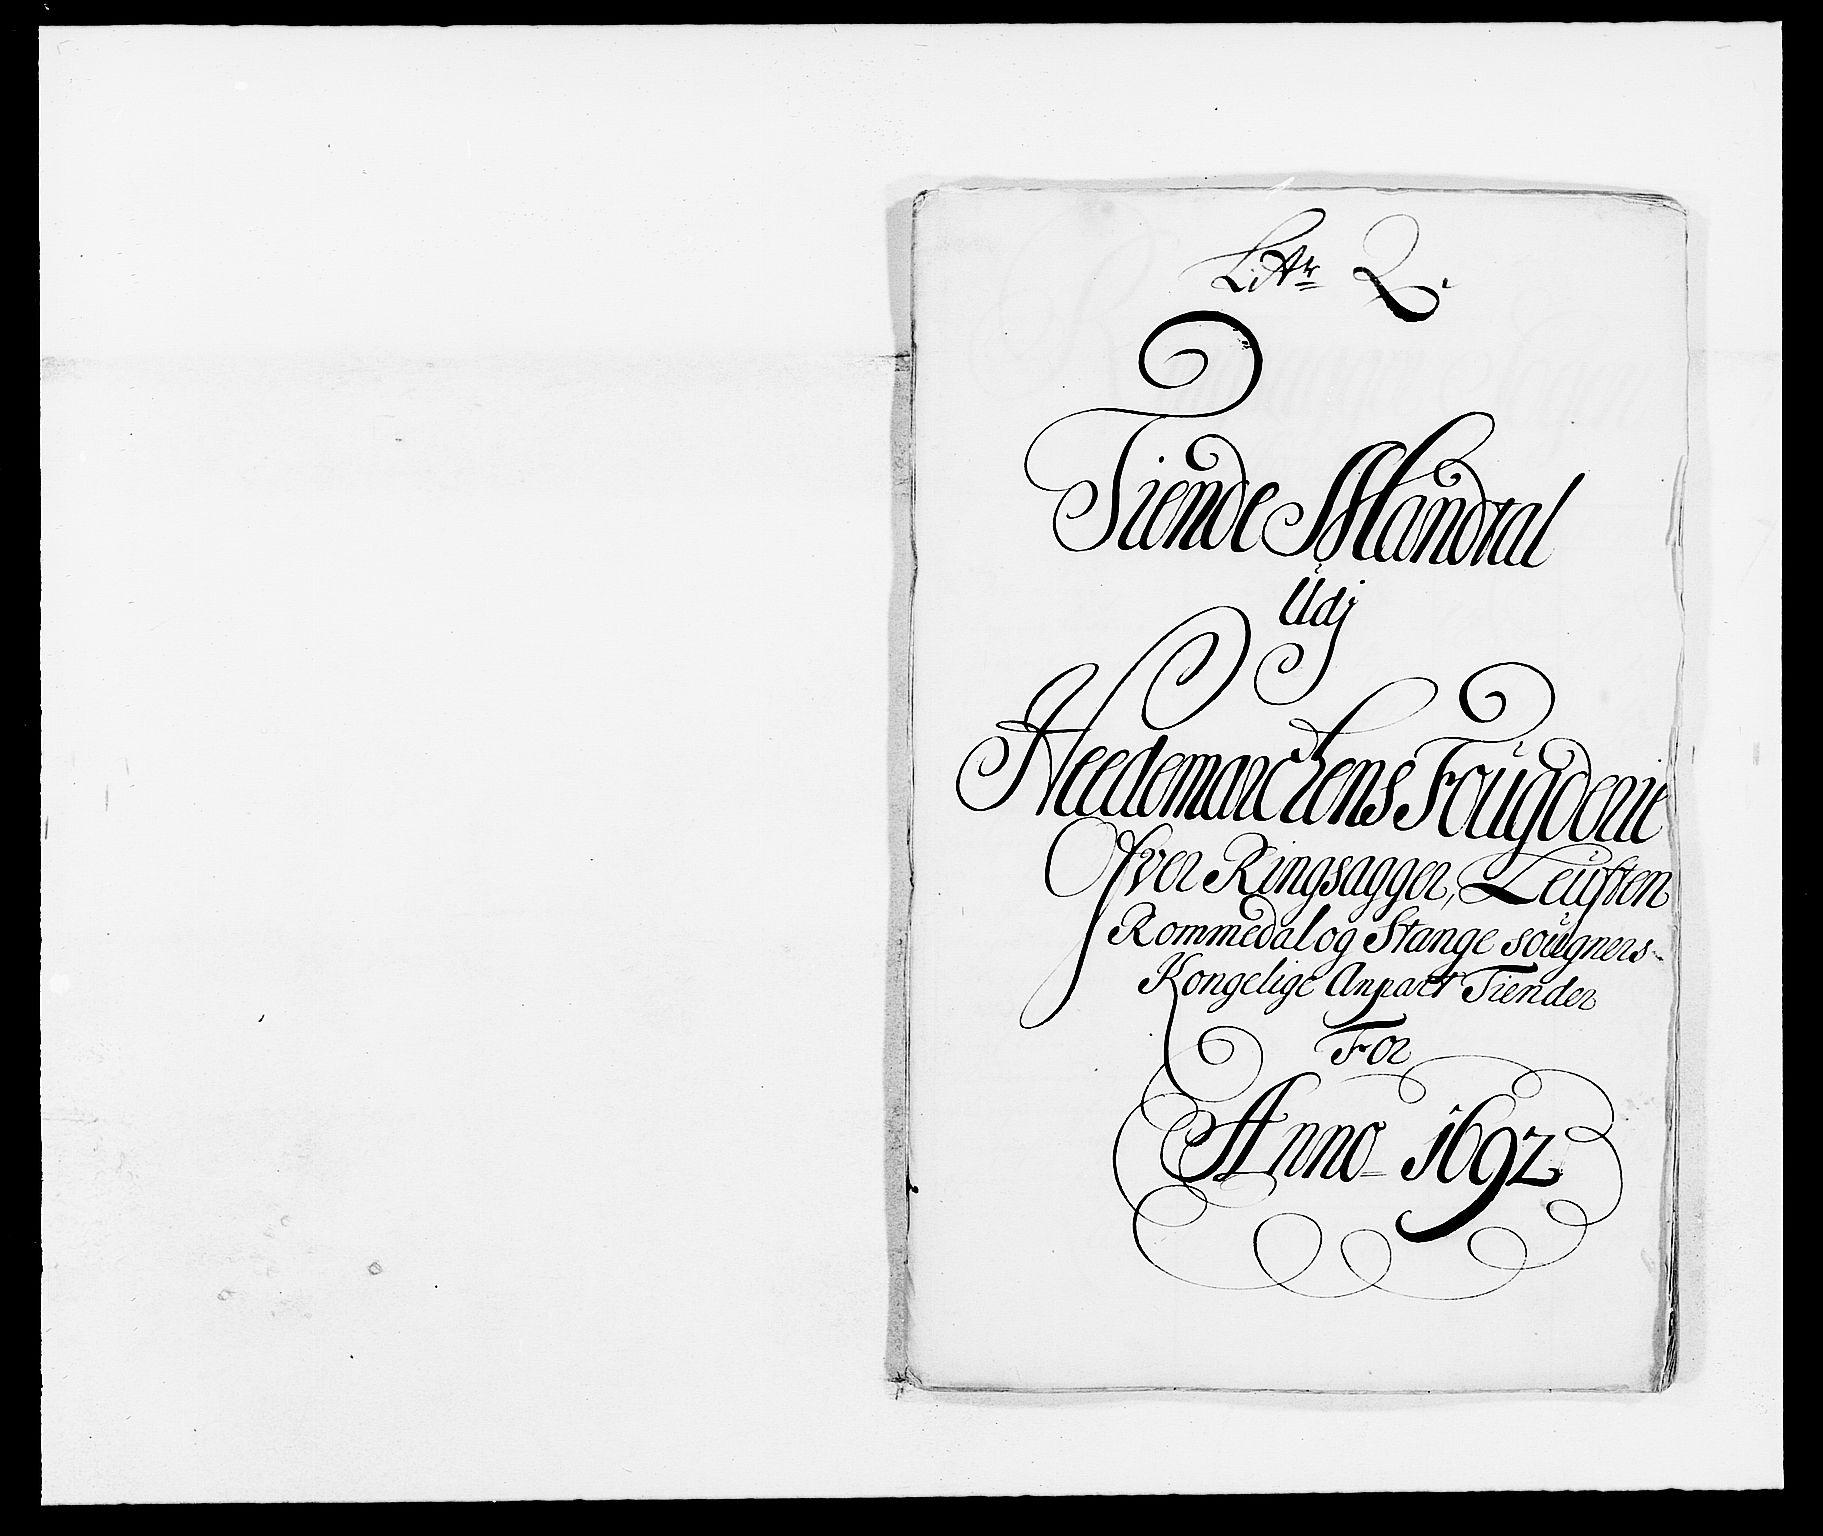 RA, Rentekammeret inntil 1814, Reviderte regnskaper, Fogderegnskap, R16/L1031: Fogderegnskap Hedmark, 1689-1692, s. 46